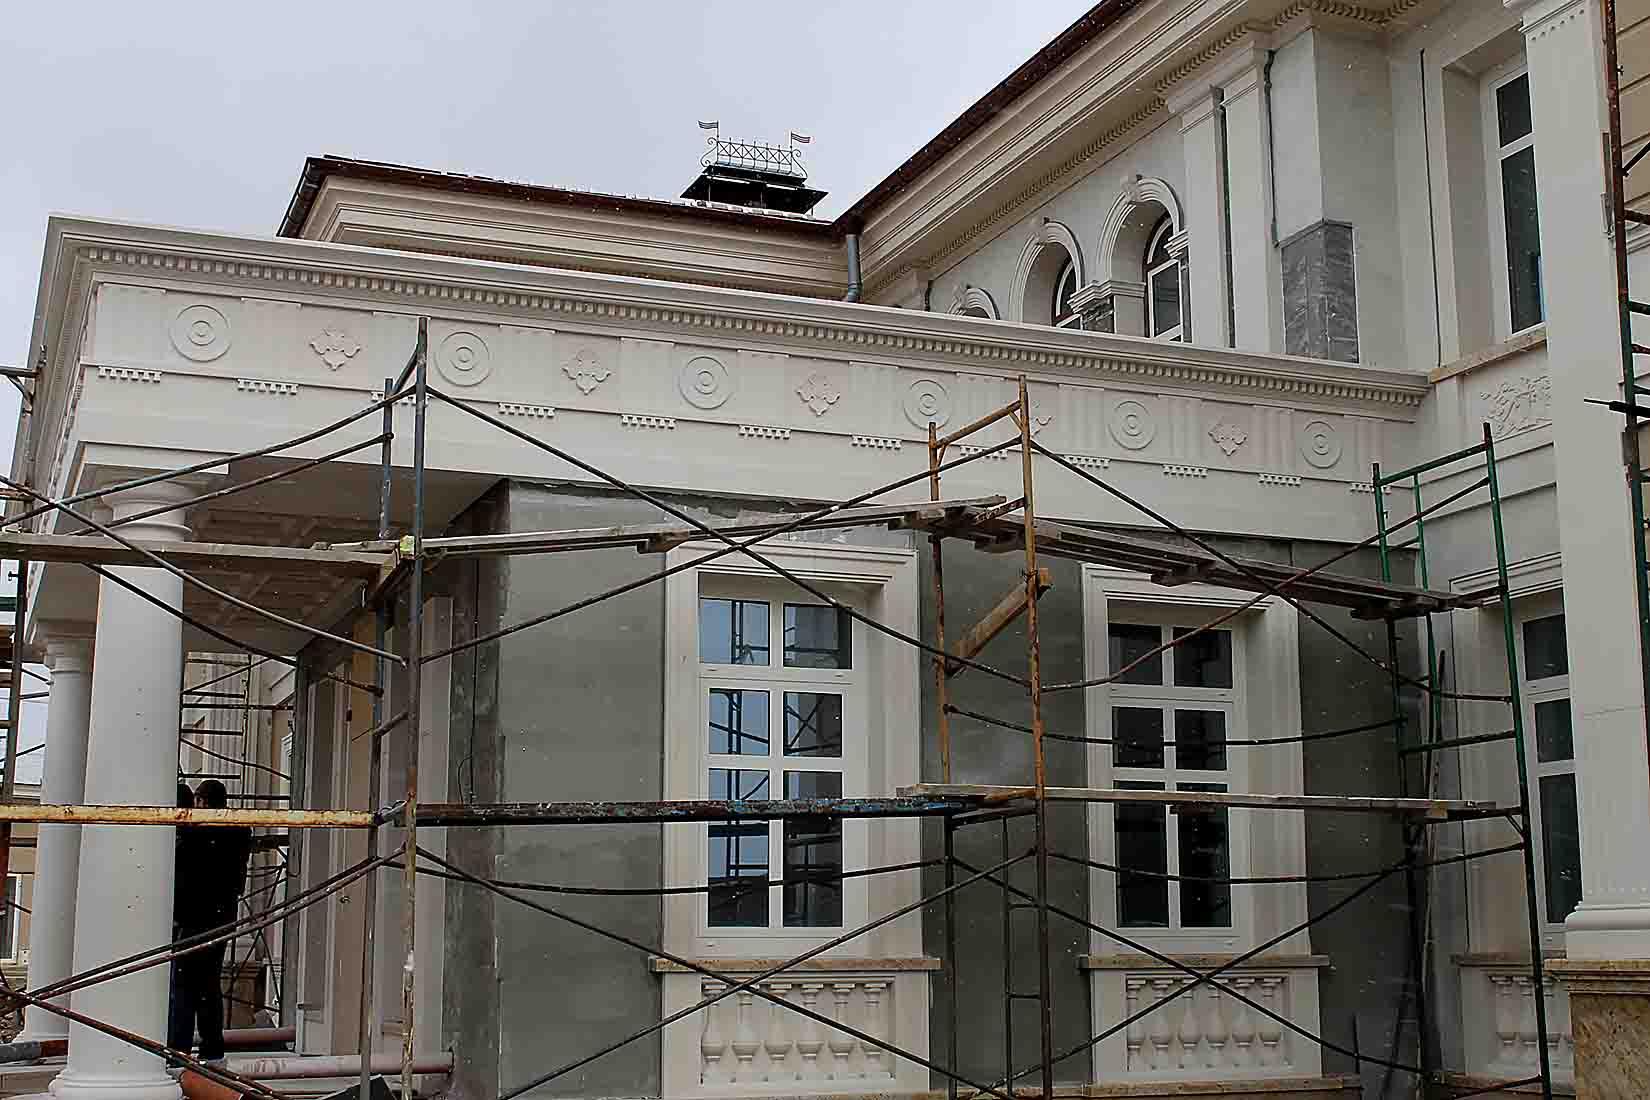 Усадьба в поселке Холмс, реконструкция и проект облицовки фасадов_13